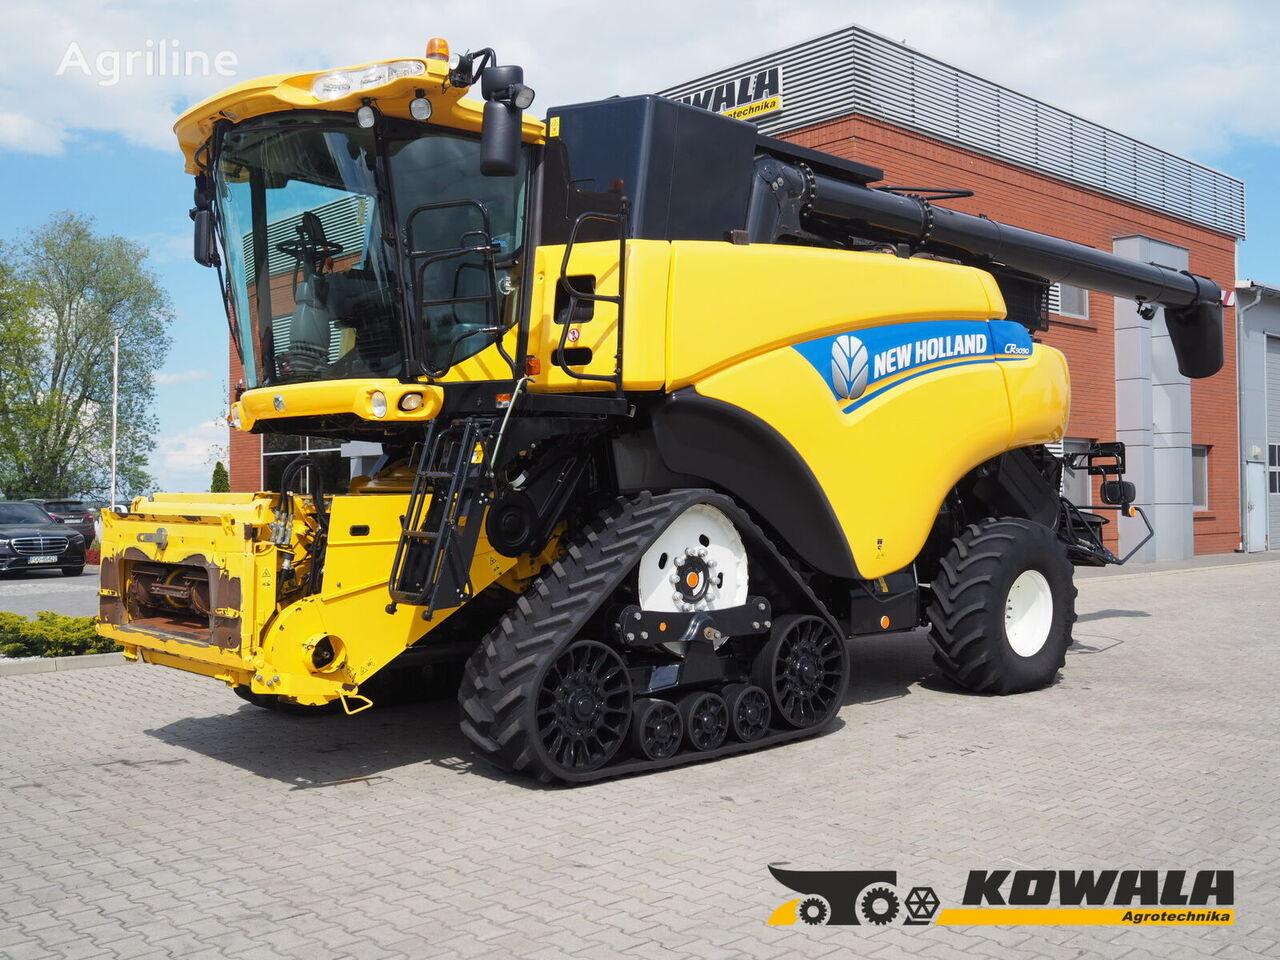 NEW HOLLAND CR9090 SmartTrax + VF 12,5 grain harvester